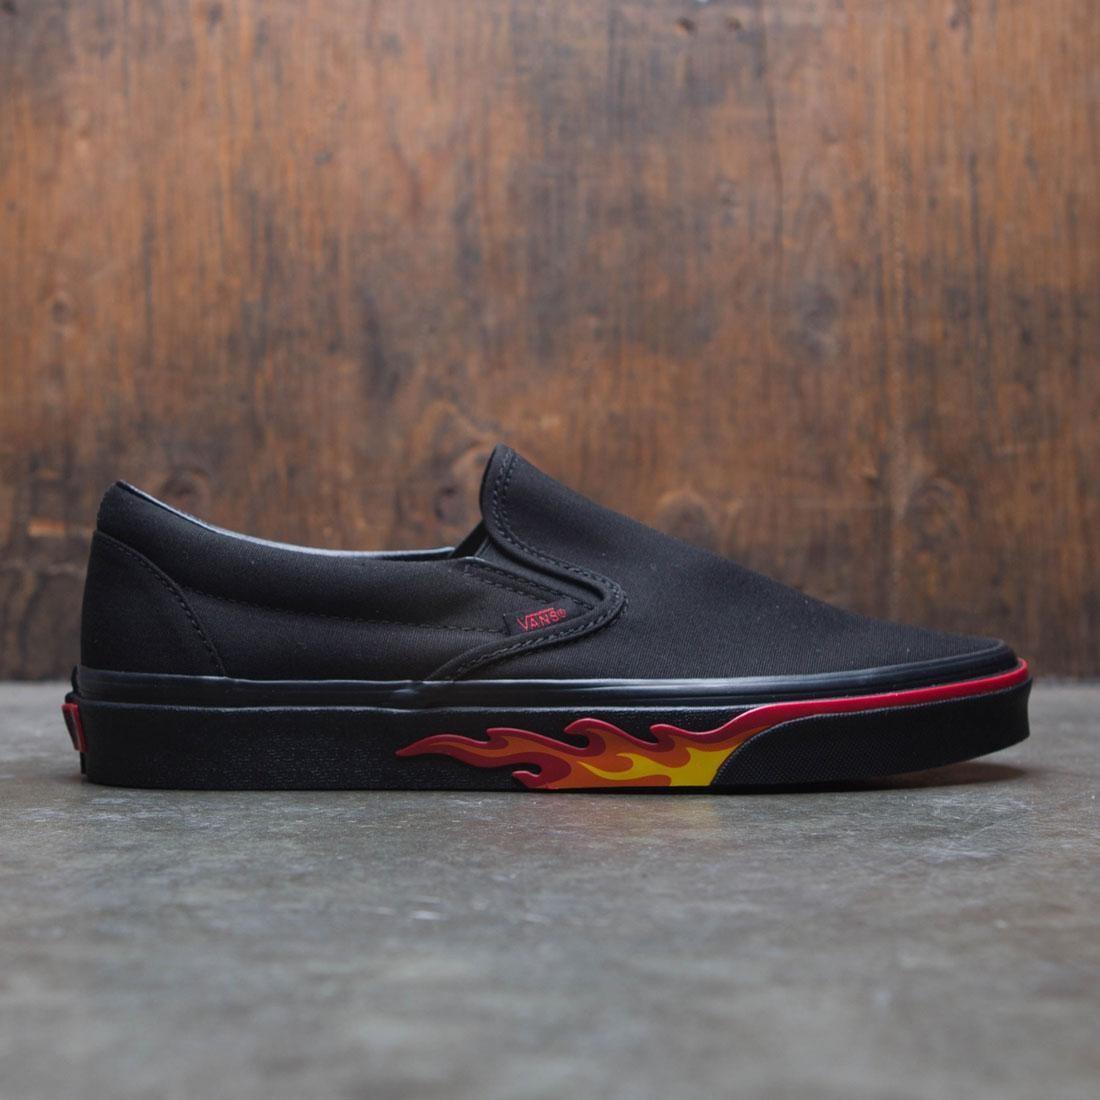 Vans Men Classic Slip-On - Black Flame